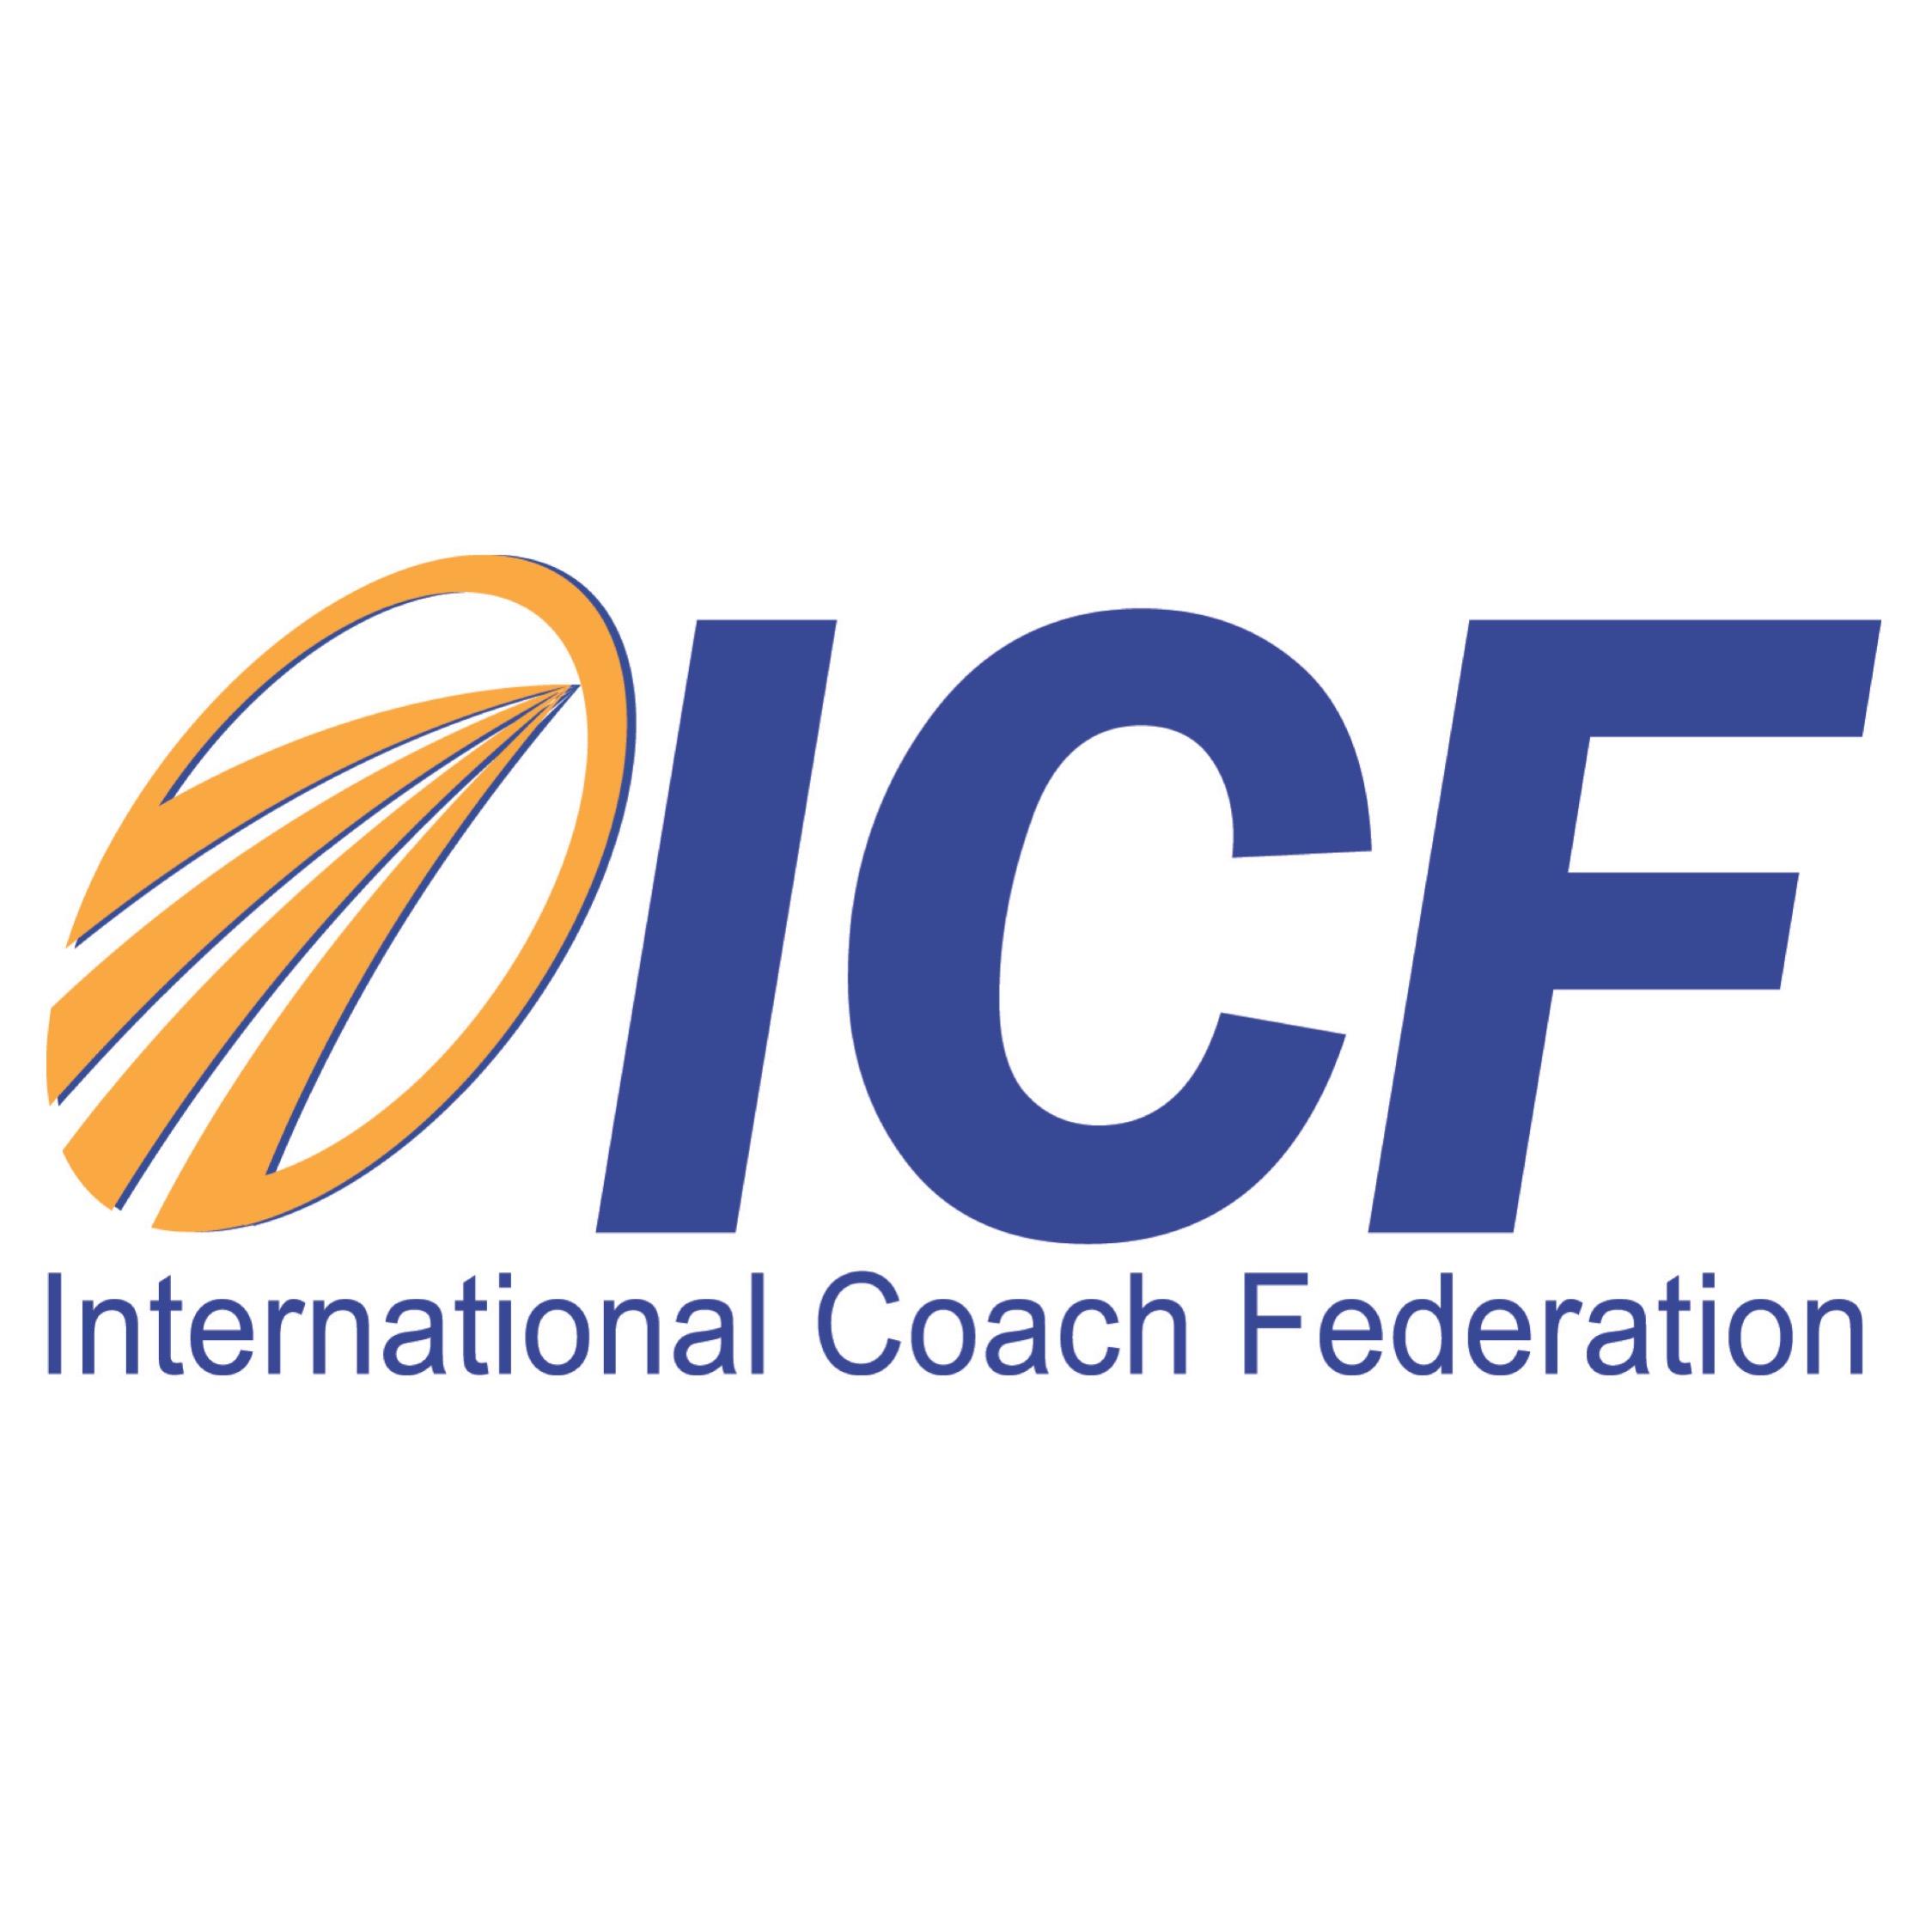 Coach Federation